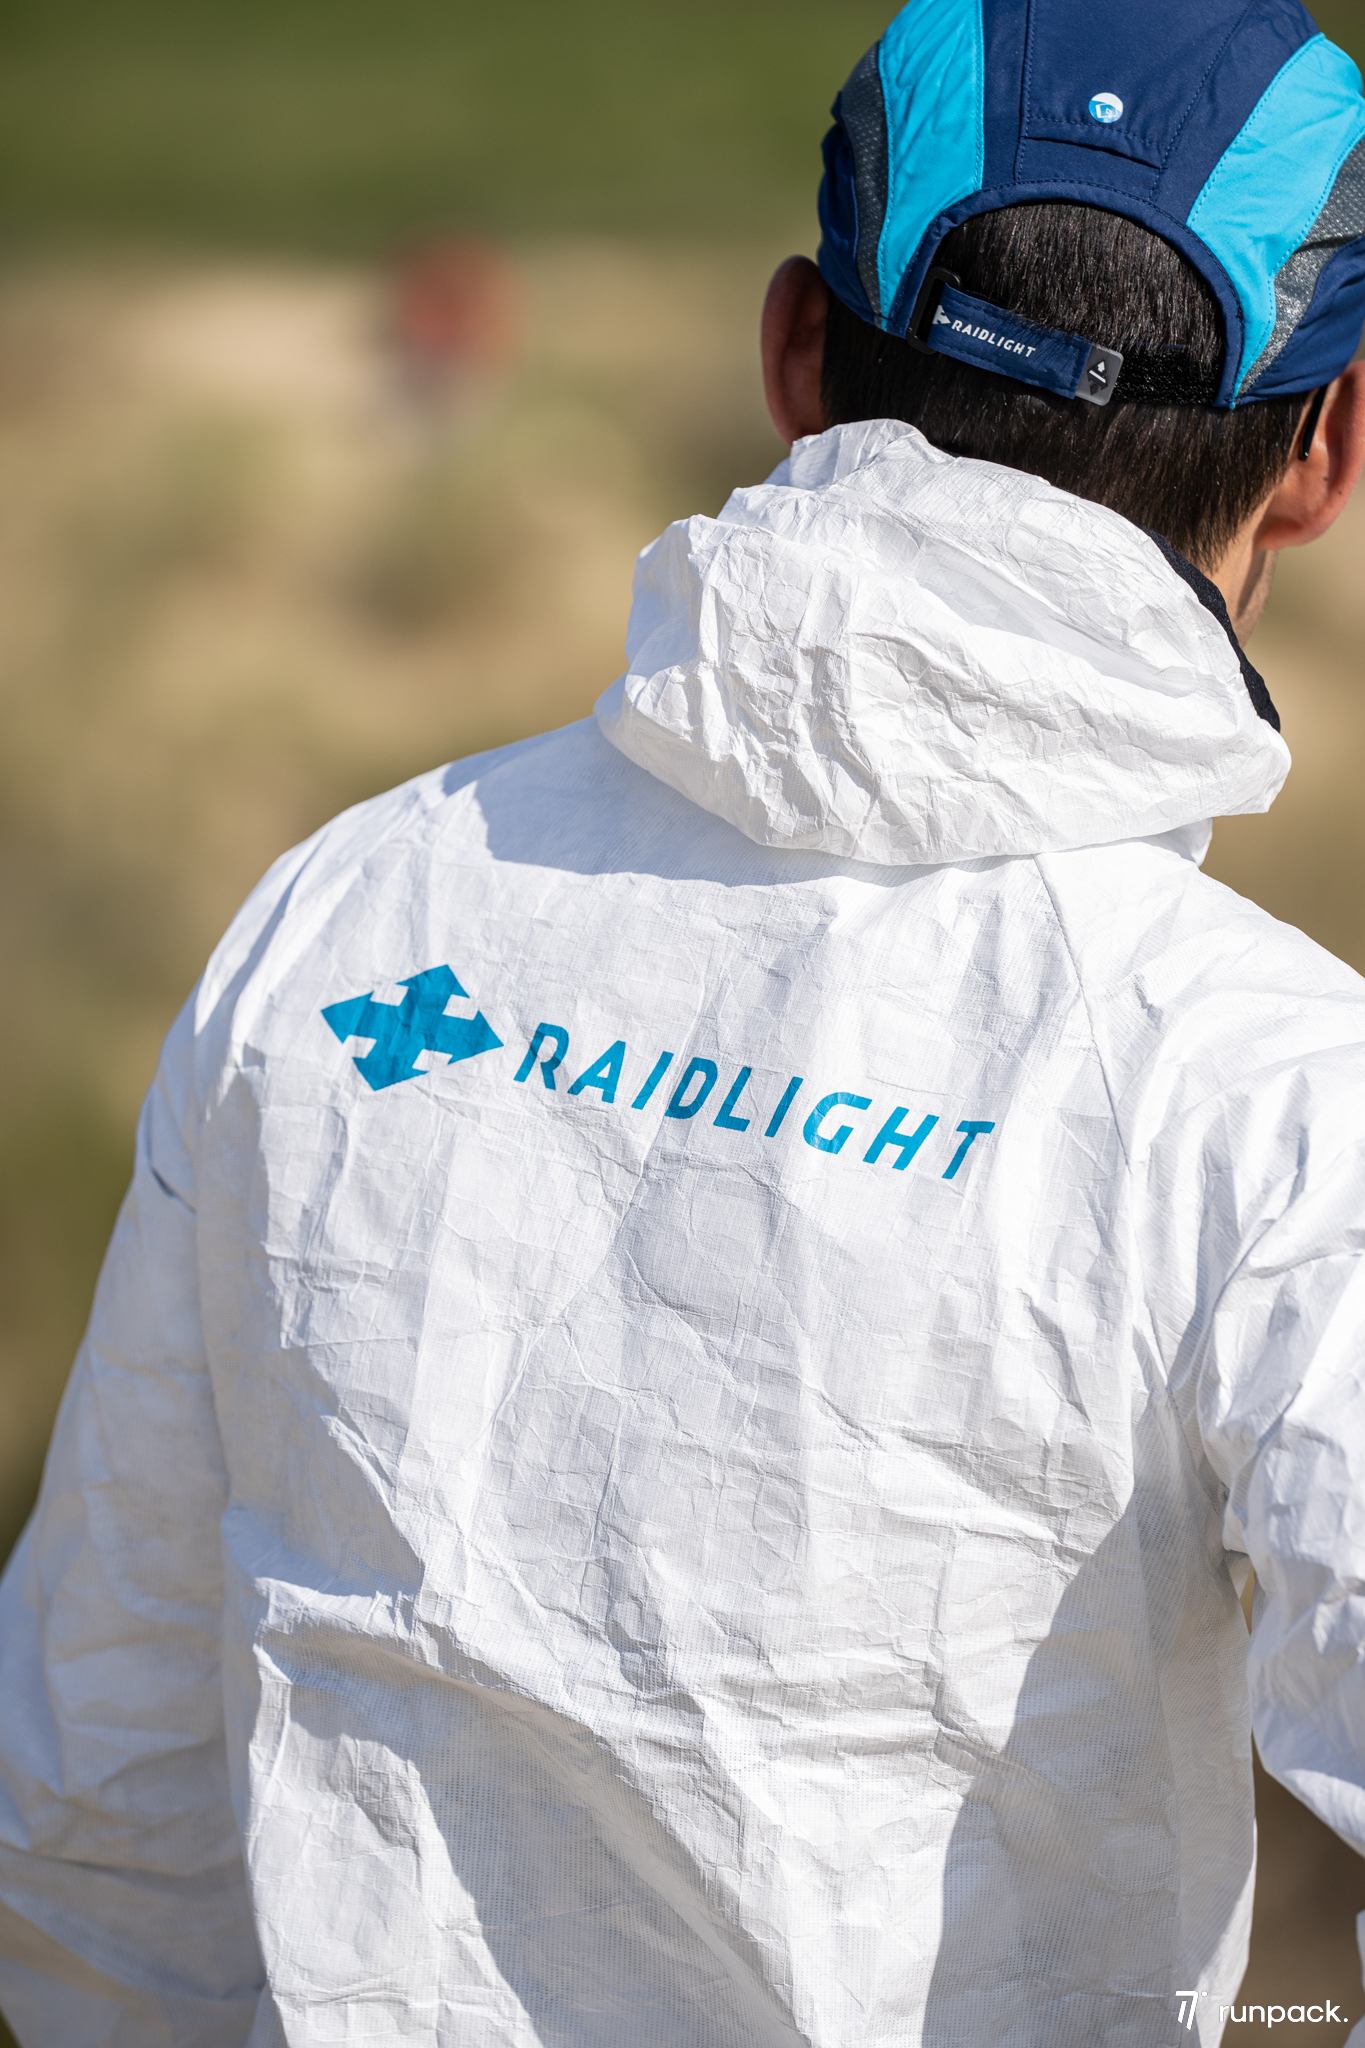 raidlight présentation panoplies hmds runpack